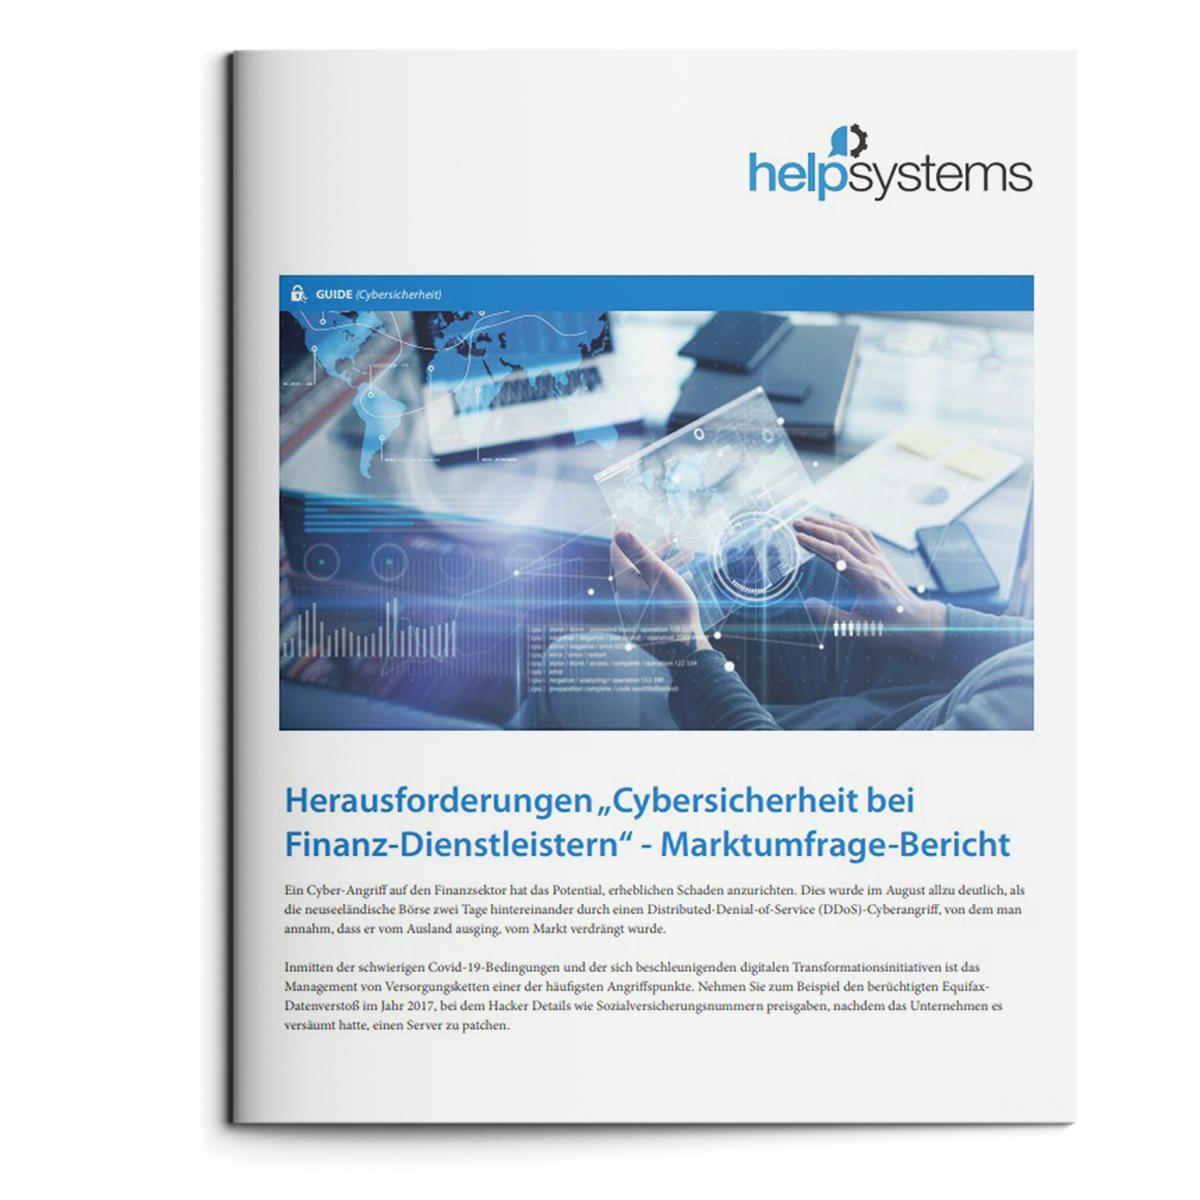 """Herausforderungen """"Cybersicherheit bei Finanz-Dienstleistern"""" - Marktumfrage-Bericht"""